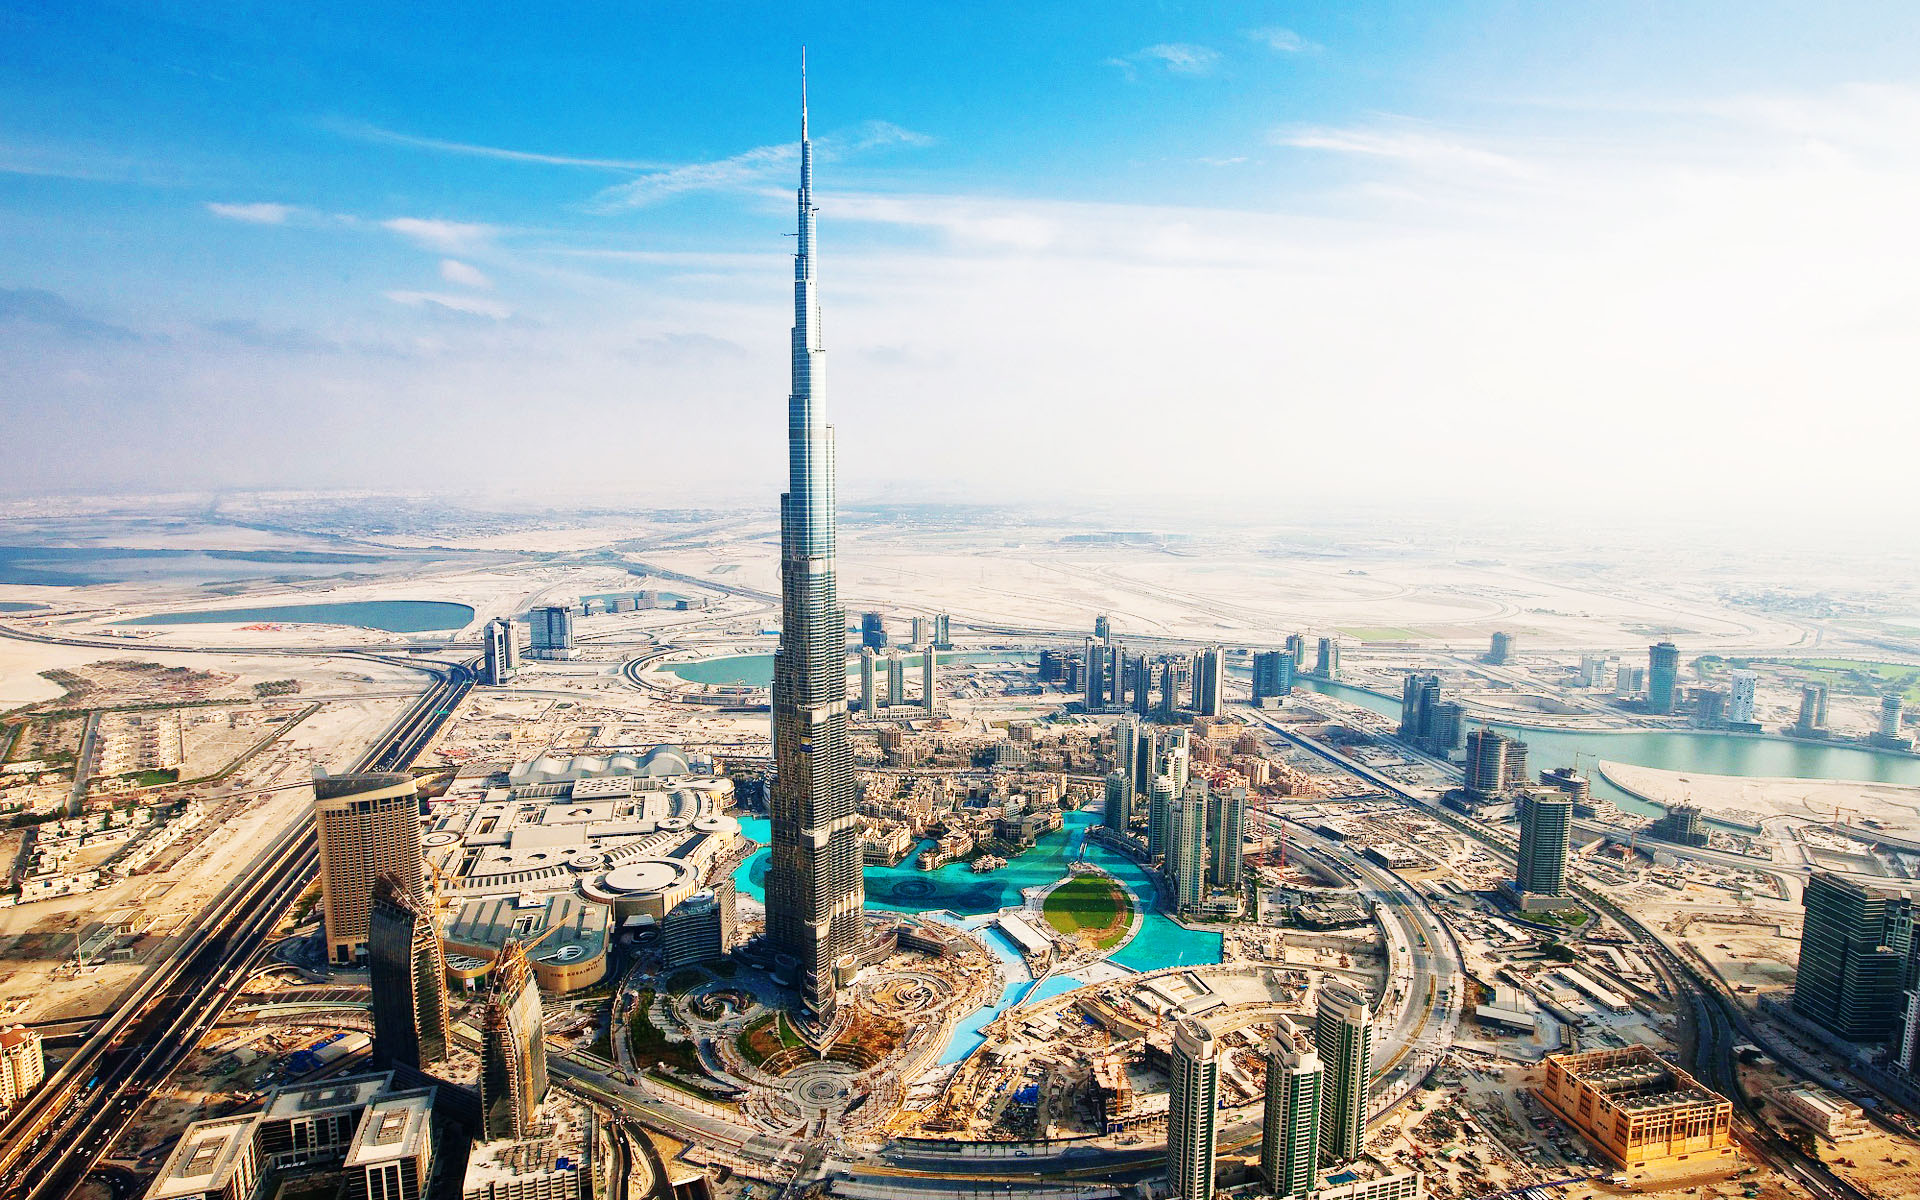 Dubai chính thức mở cửa giao dịch tiền mã hóa sau thỏa thuận giữa các cơ quan quản lý